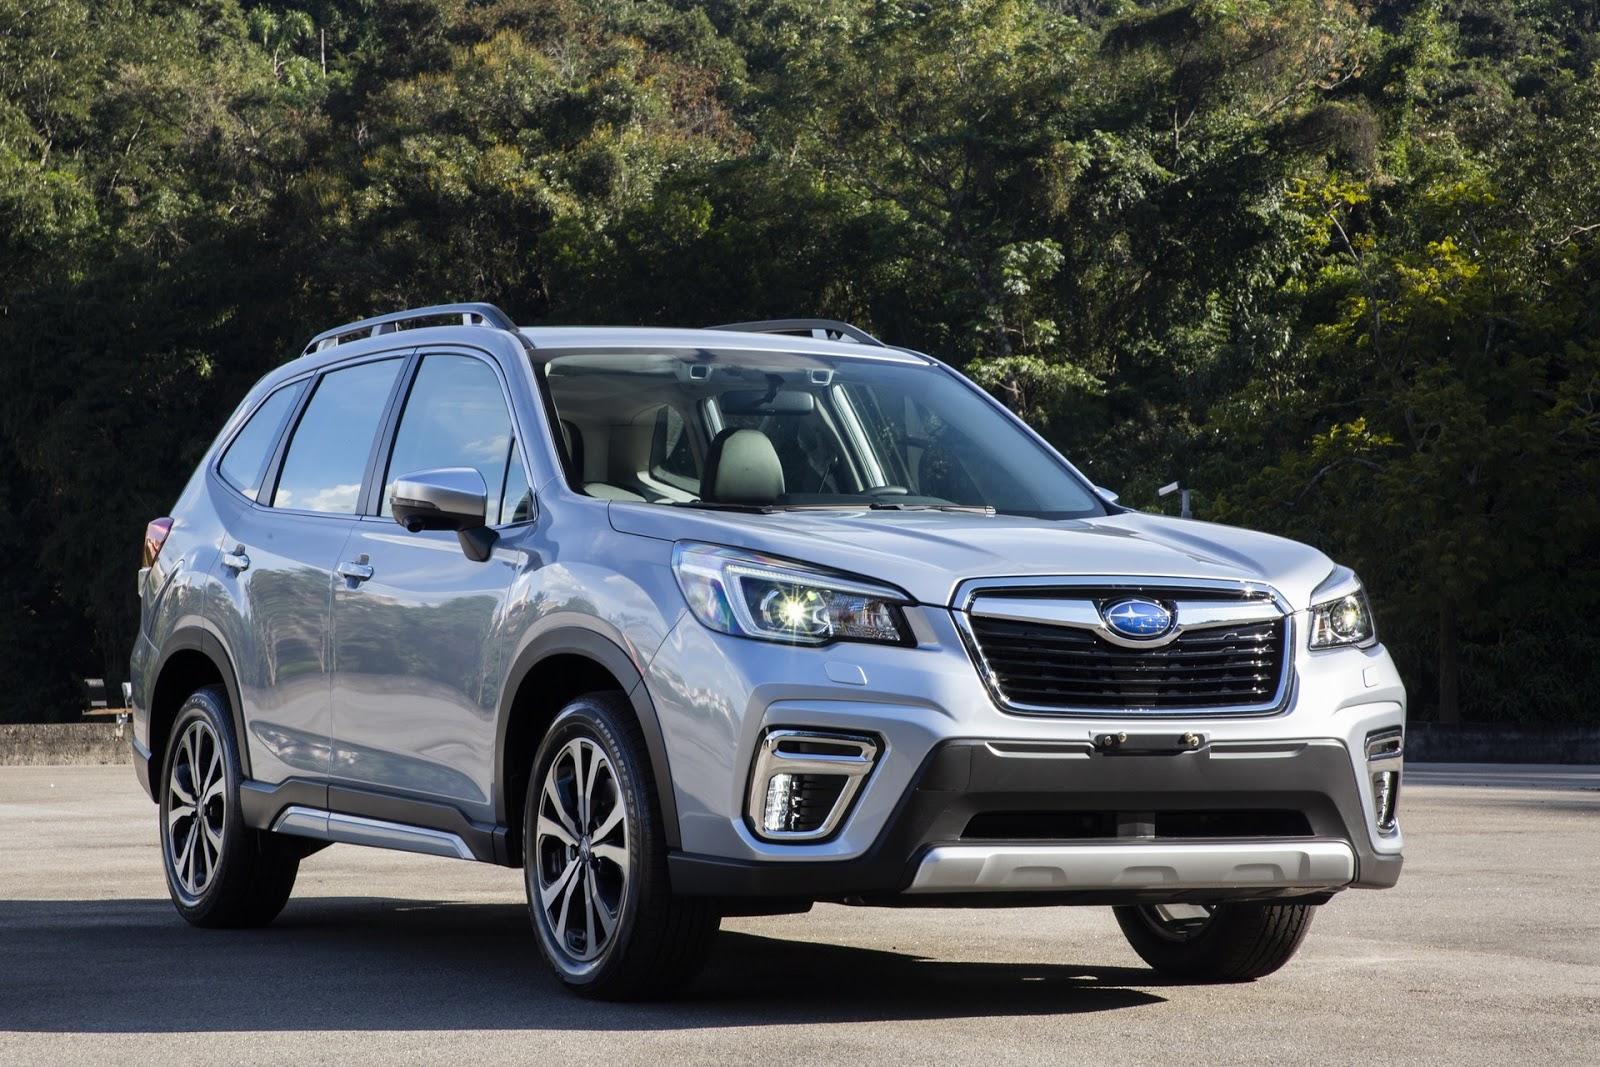 Novo Subaru Forester 2020: fotos, preço e detalhes ...